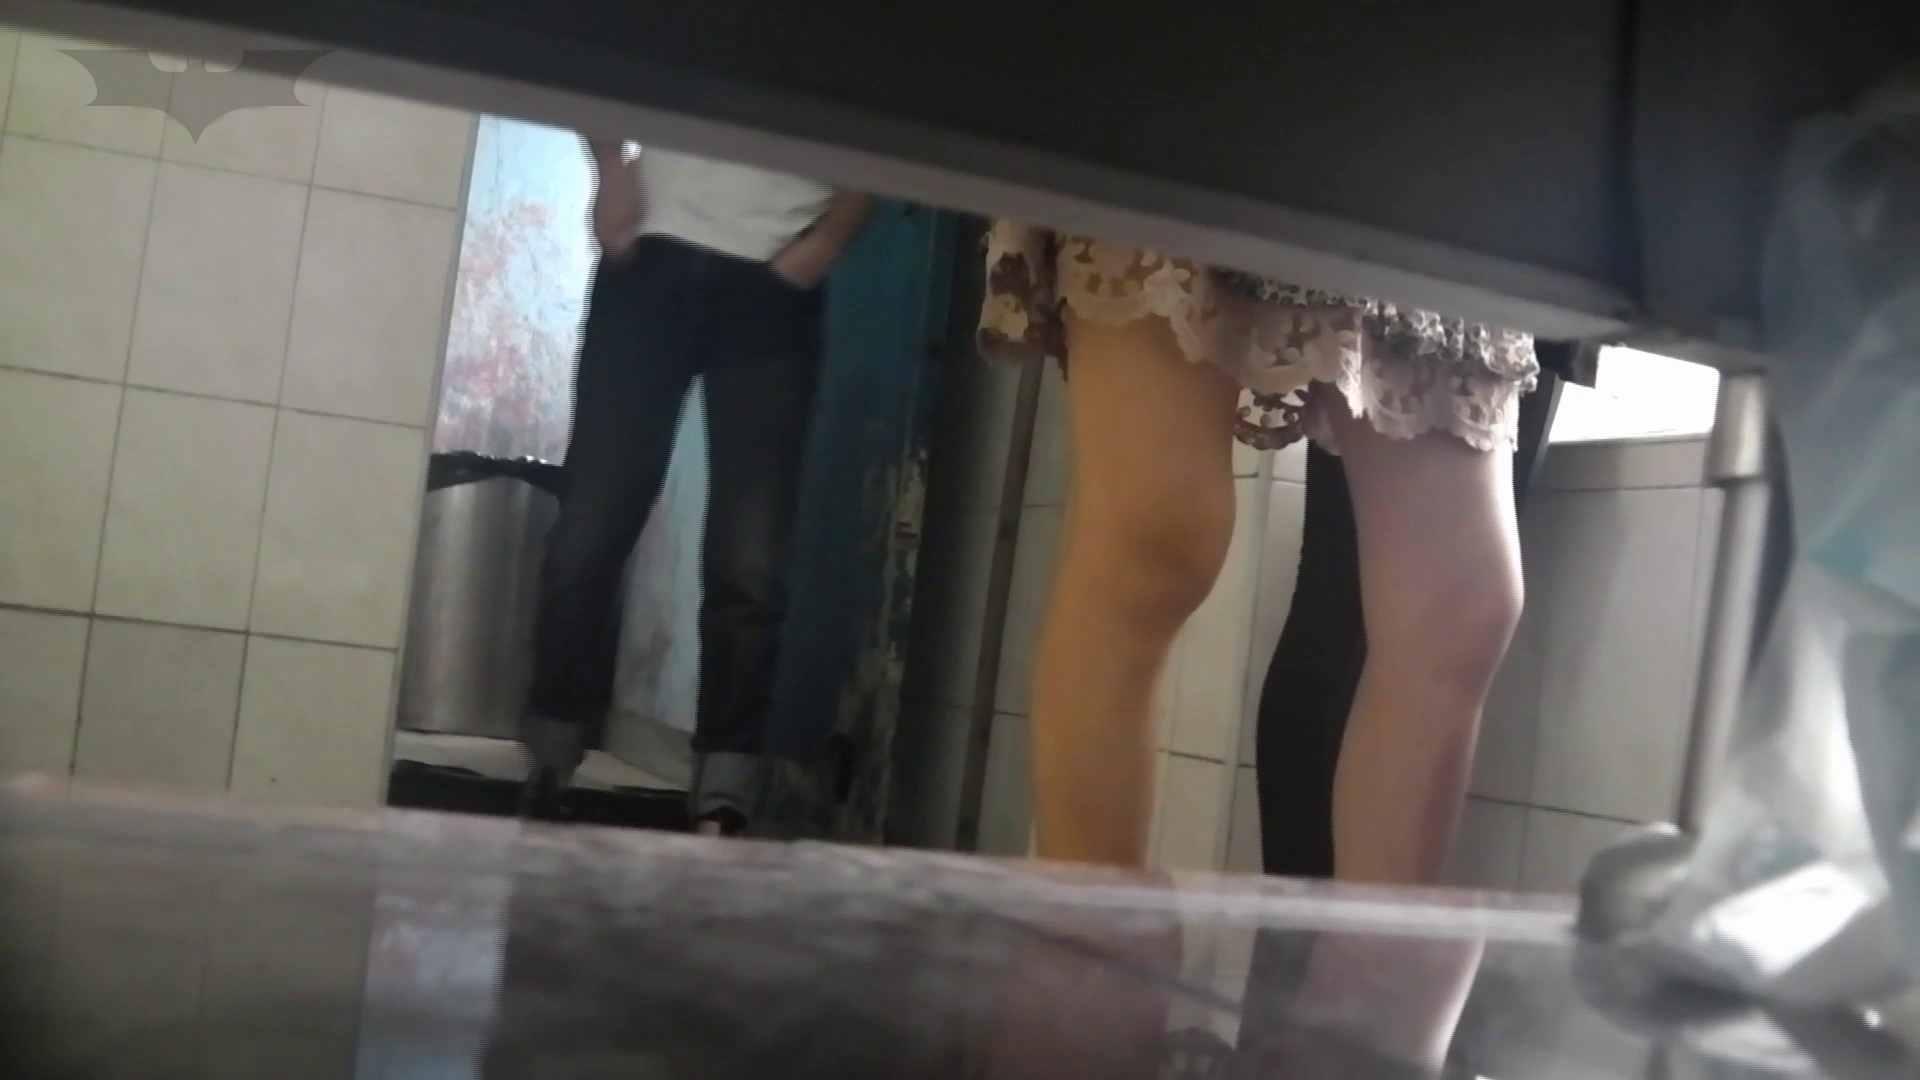 ステーション編 vol52 我慢して個室に入ったら。  :-)!! ギャル攻め 性交動画流出 84画像 14